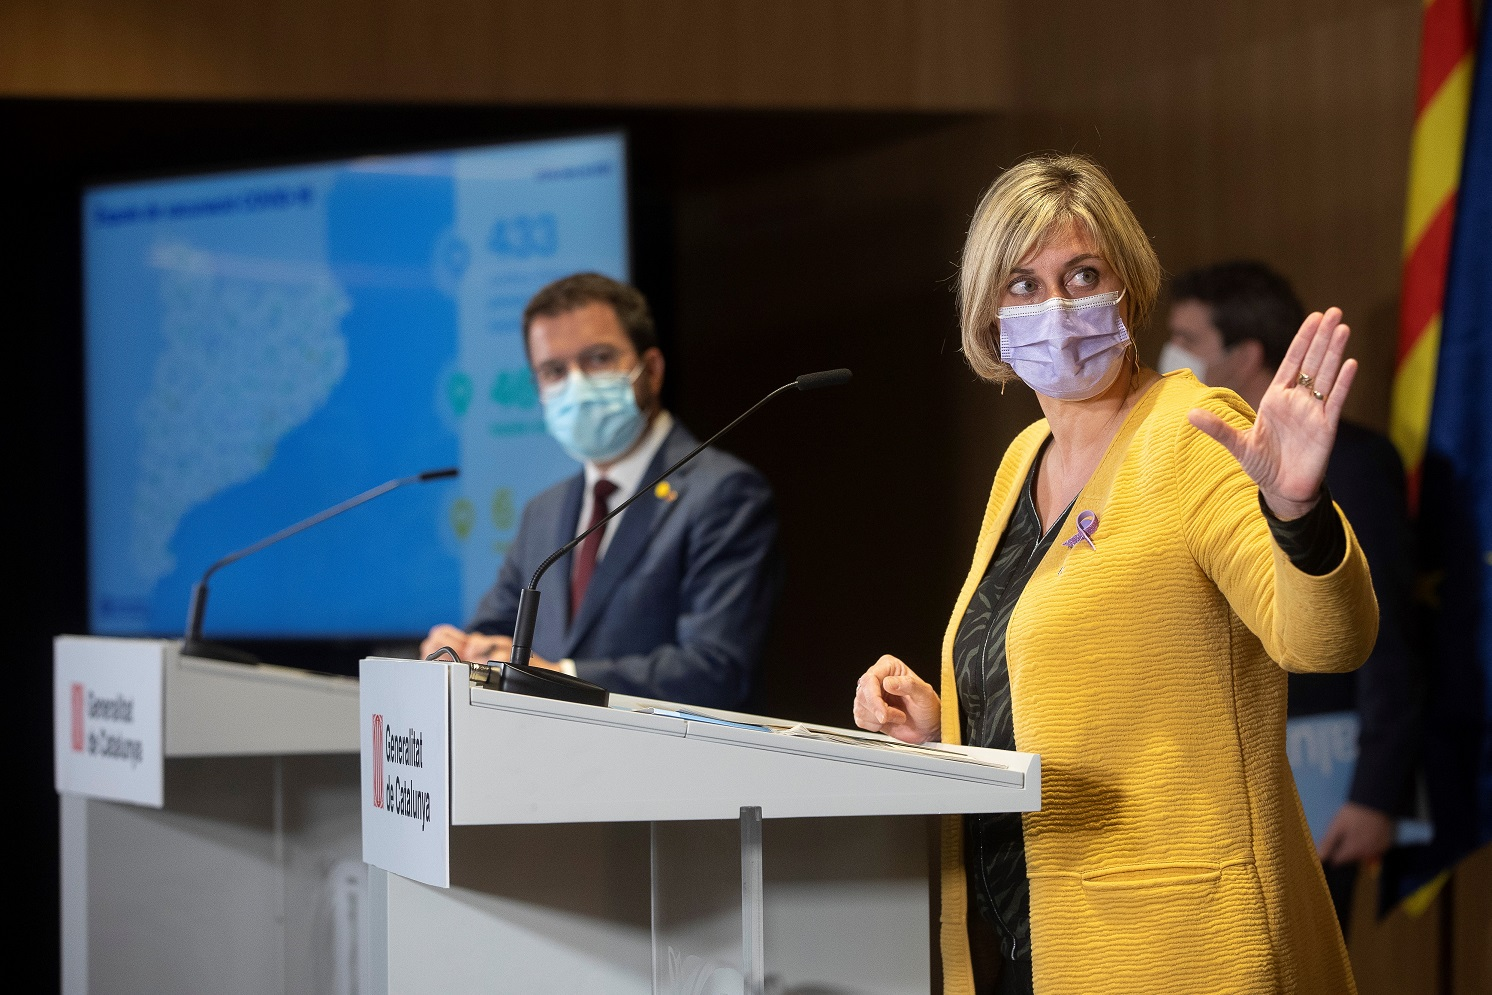 La consejera catalana de Salud, Alba Vergés, al frente, y el vicepresidente de la Generalitat, Pere Aragonès, de fondo, durante el anuncio de la estrategia de vacunación masiva, el 23 de marzo de 2021 | EFE/QG/Archivo